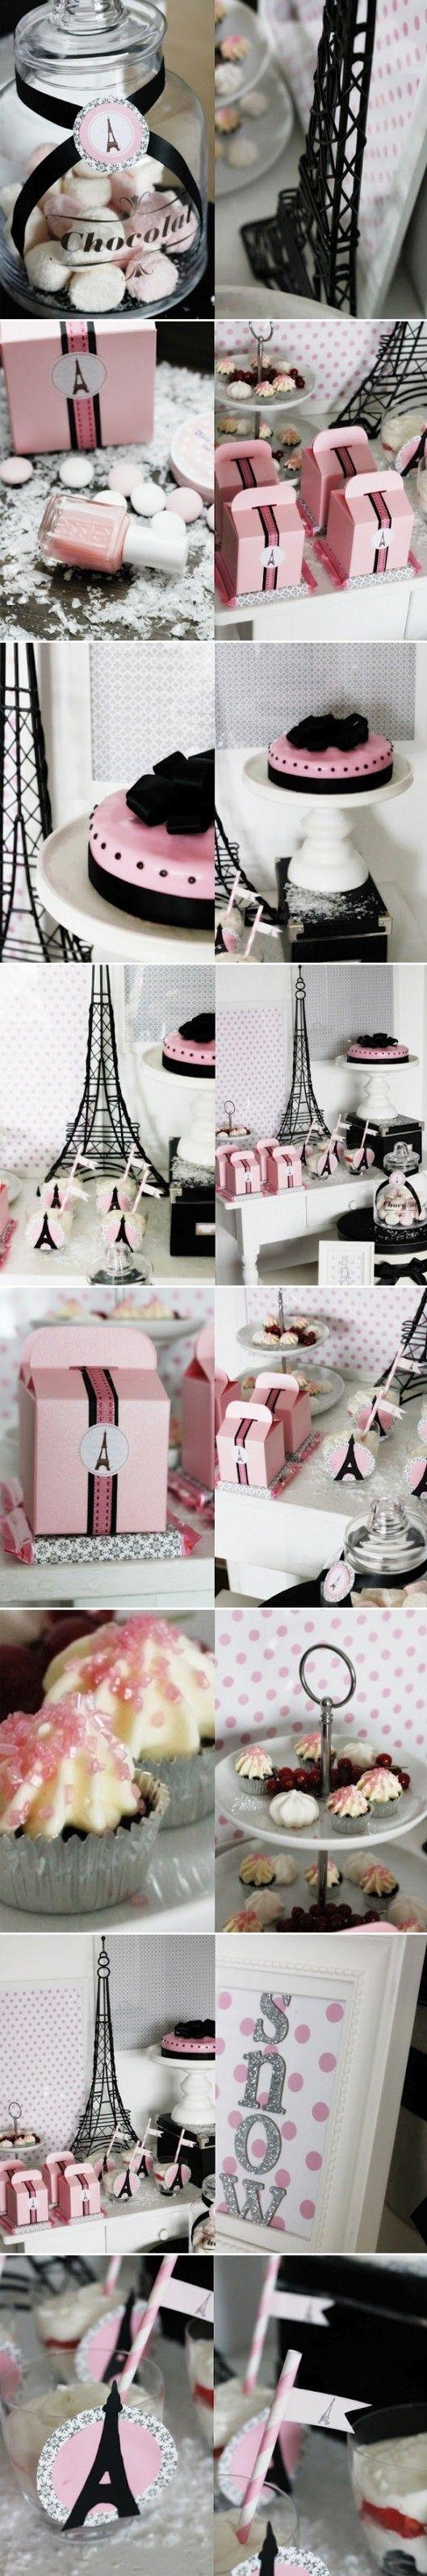 Parisian themed bridal shower :) by malinda